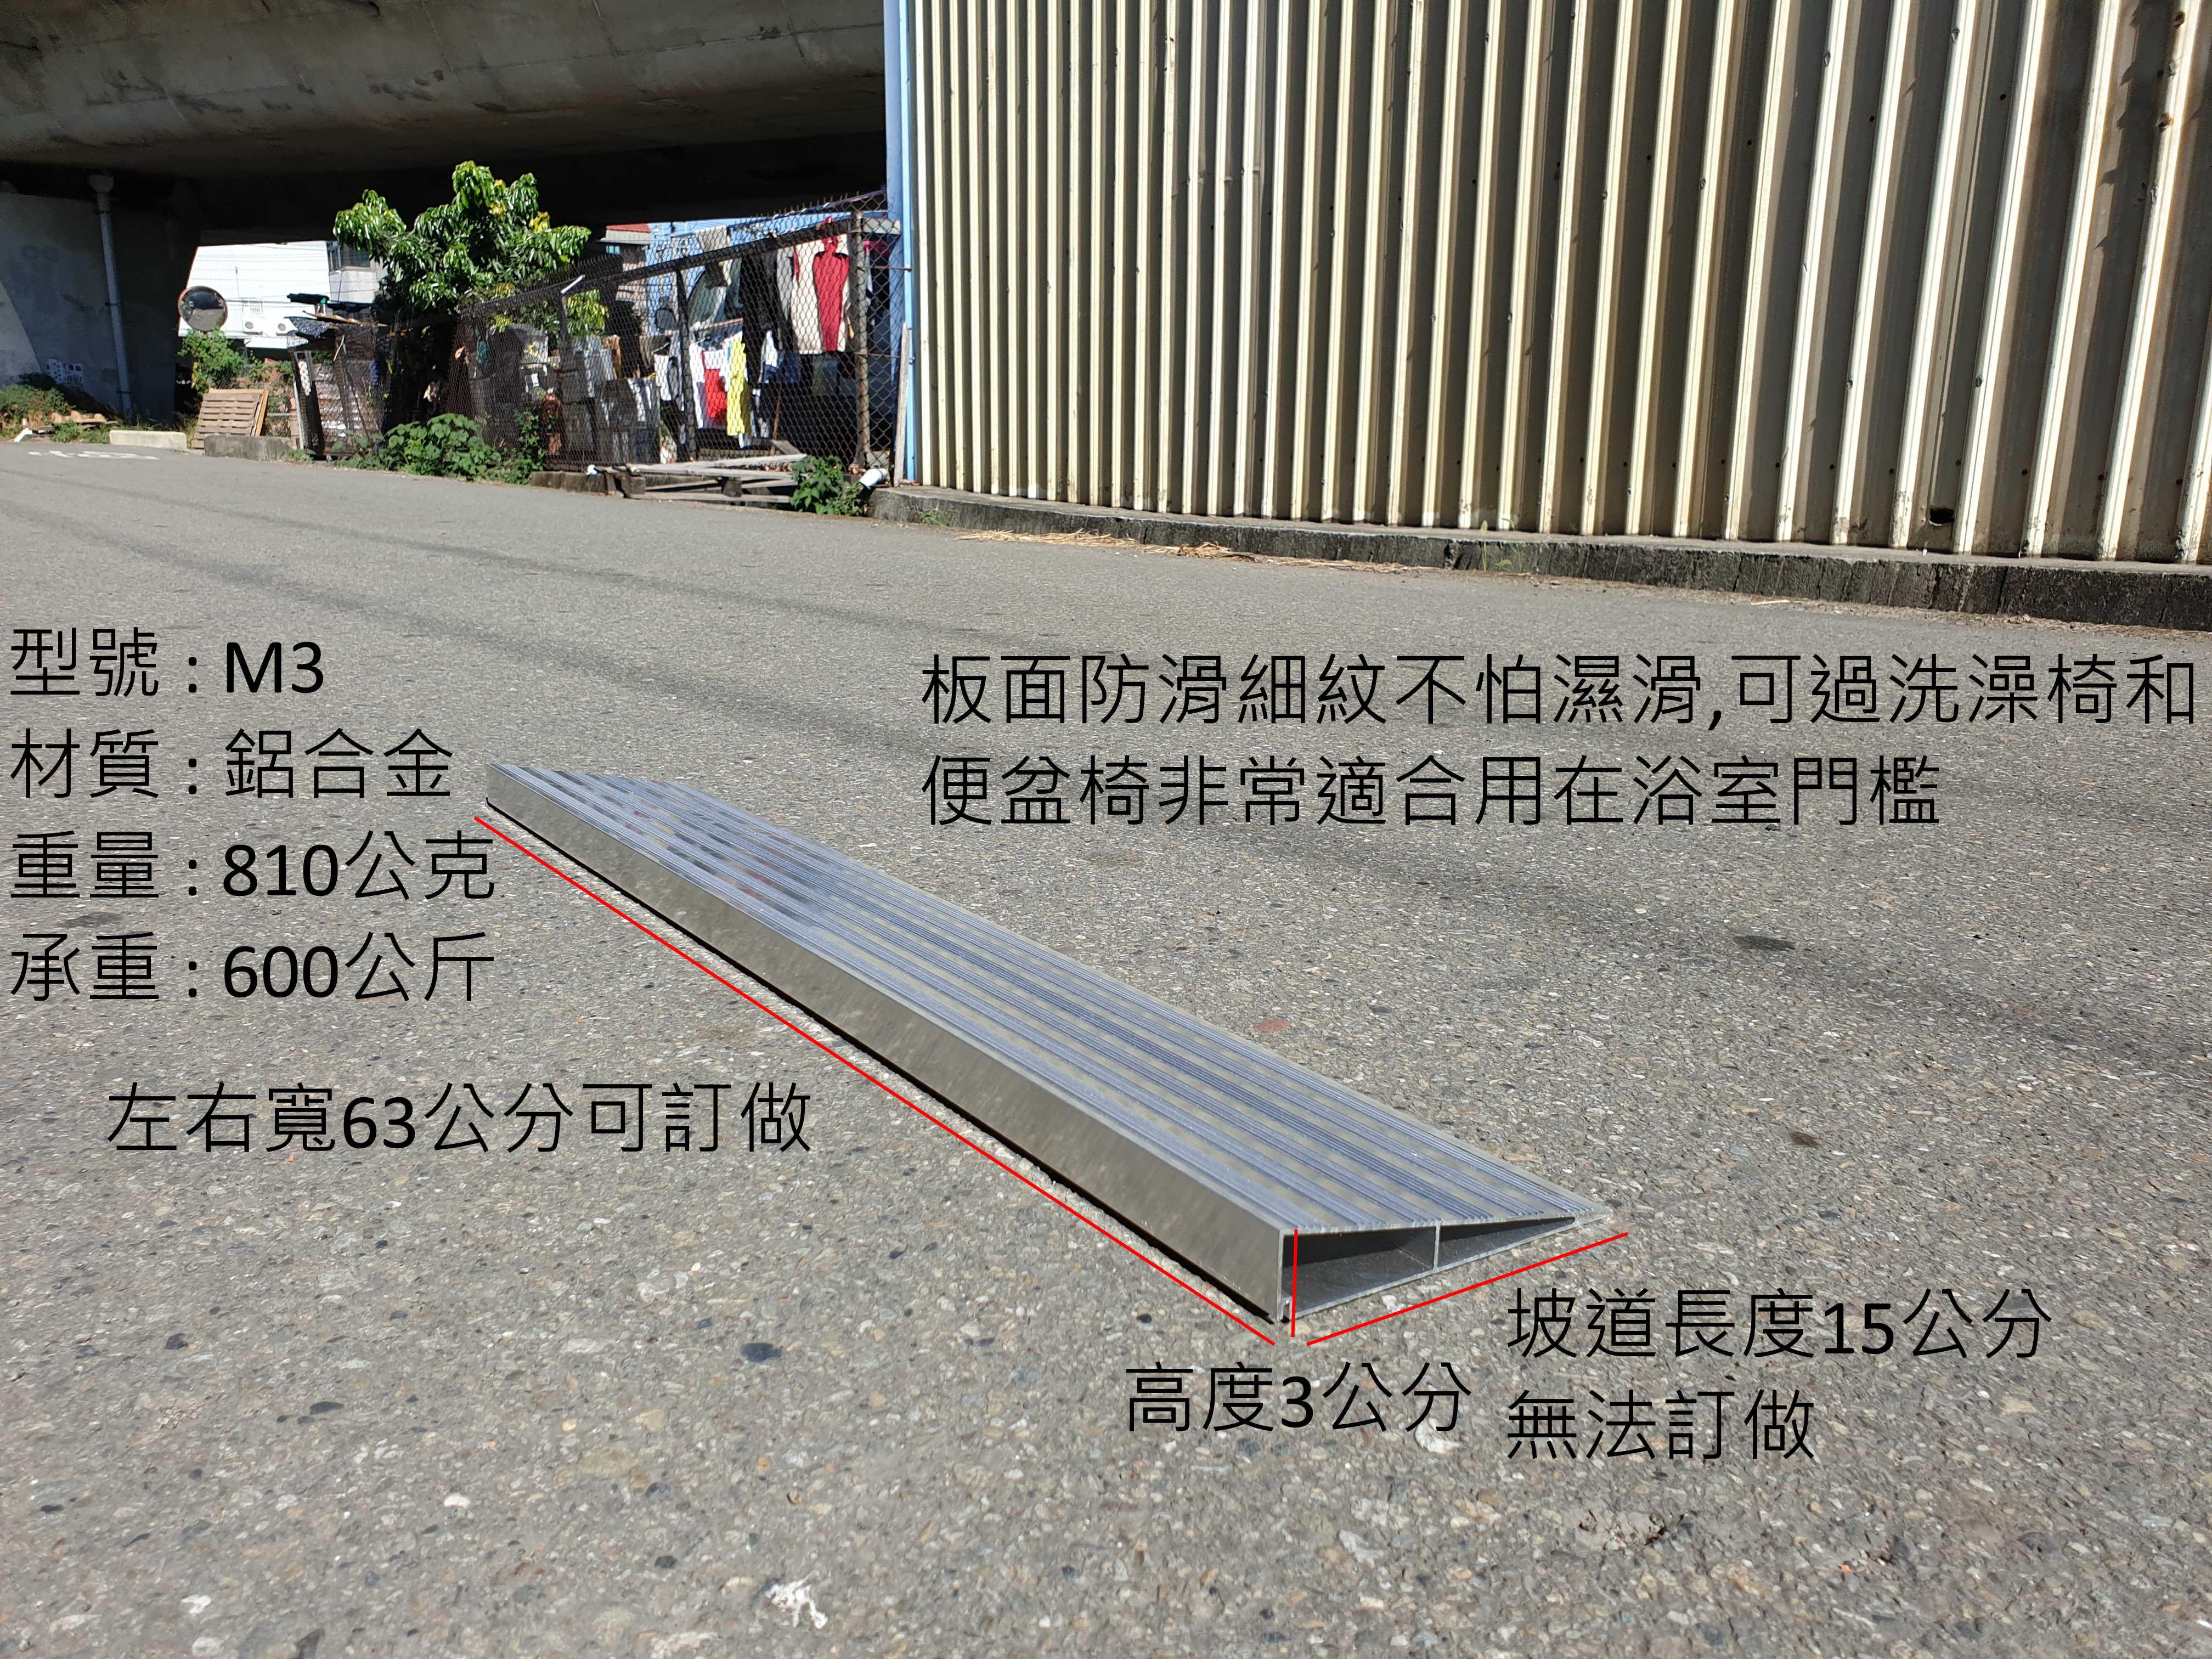 門檻斜坡板組合式 型號M3